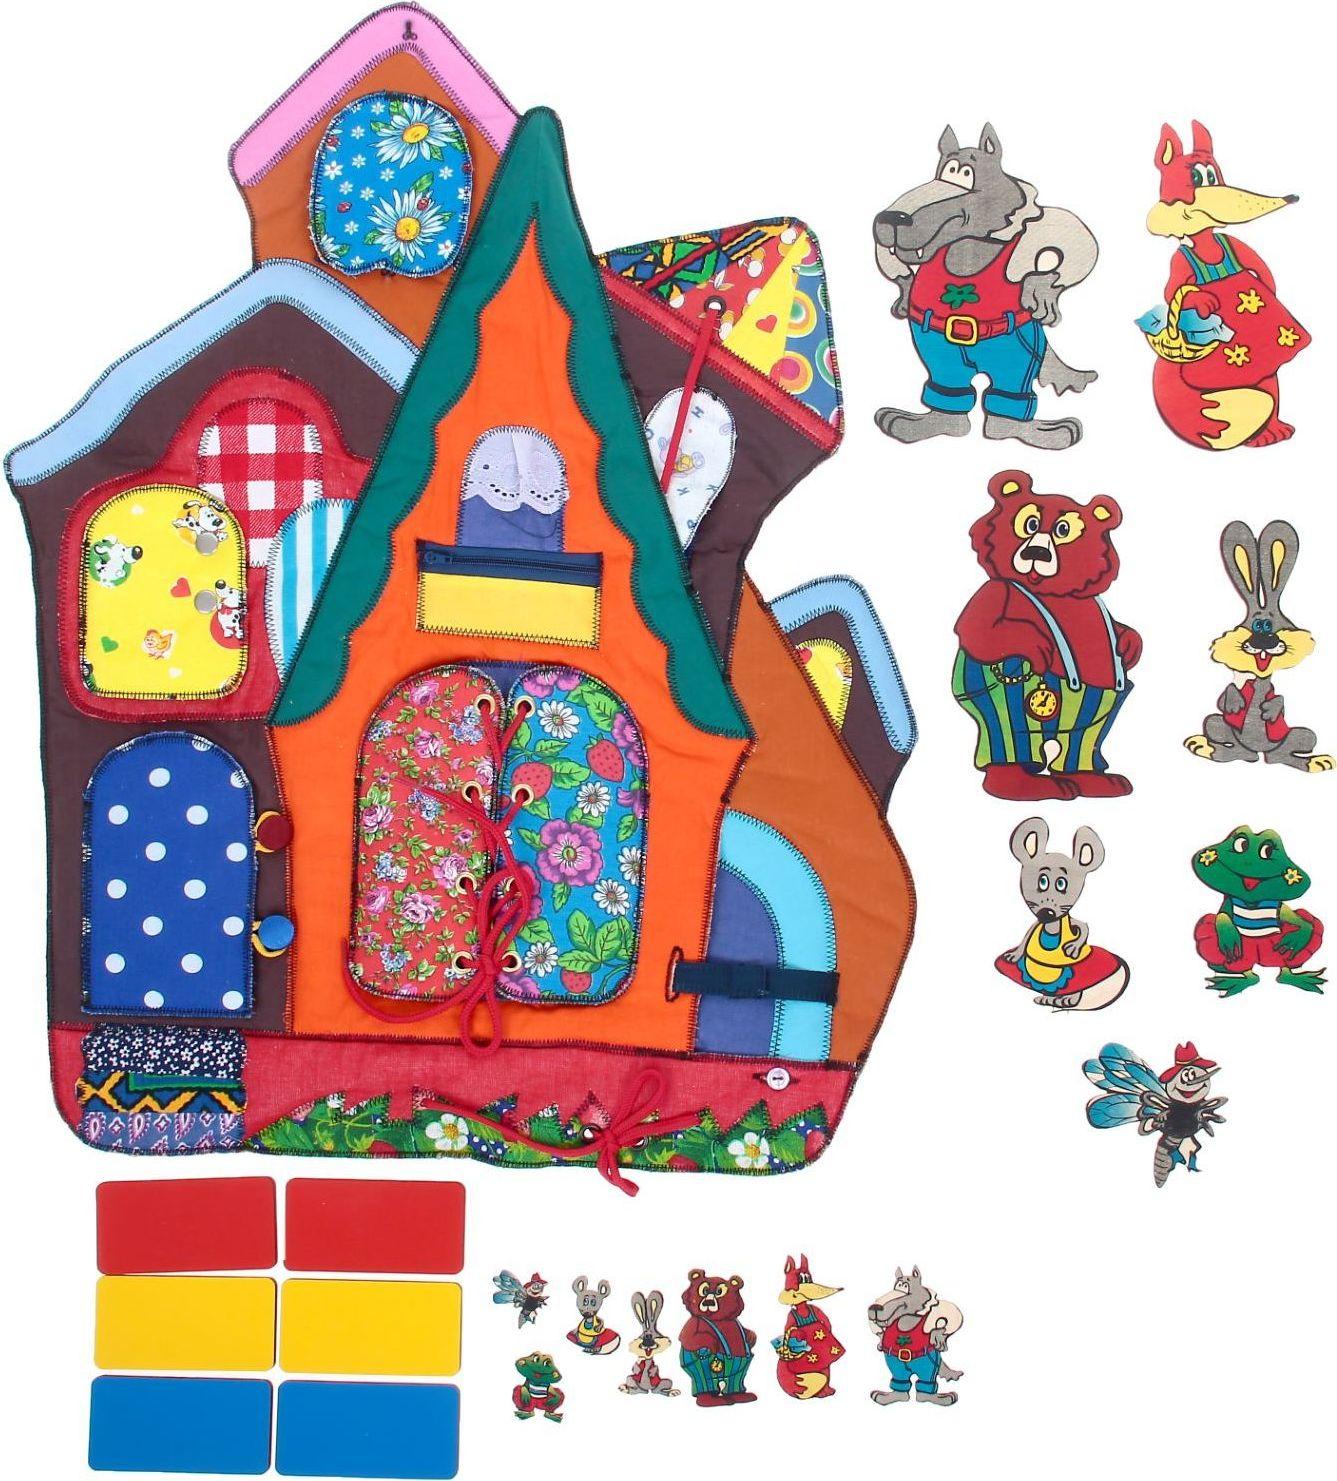 Sima-land Шнуровка Теремок, в сумочке, 30*8*23 1788306 купить развивающую игрушку для девочки 1 год